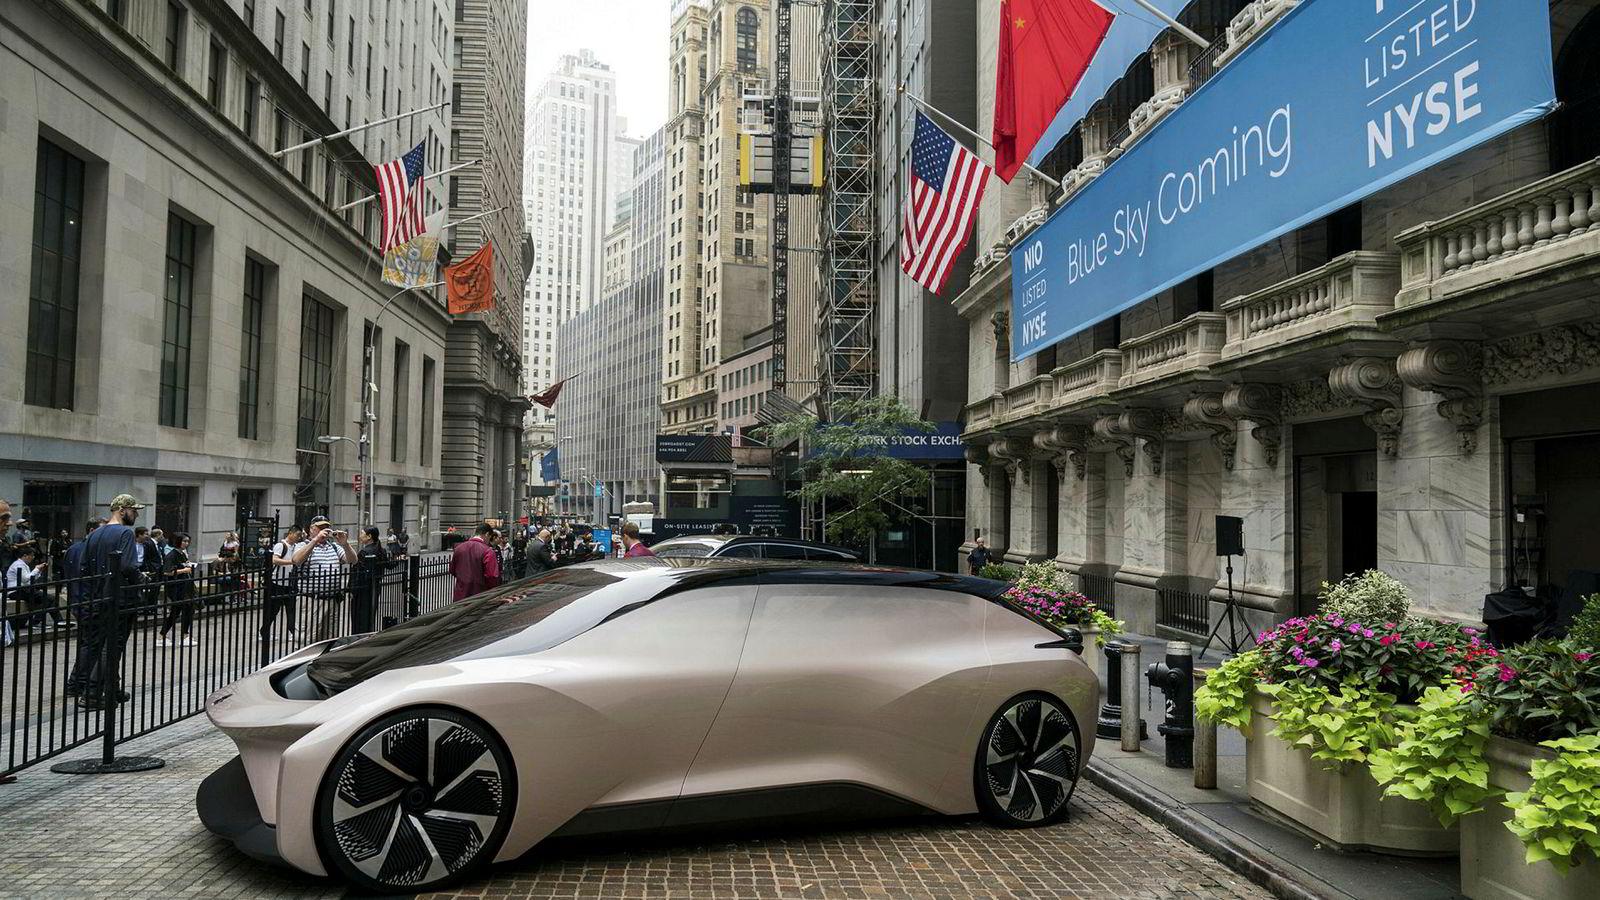 Den kinesiske elbilprodusenten Nio klarte ikke å hente inn 15 milliarder kroner under emisjonen før børsnoteringen i USA. Nye modeller skal konkurrere direkte med Tesla i Kina og fremvoksende markeder.